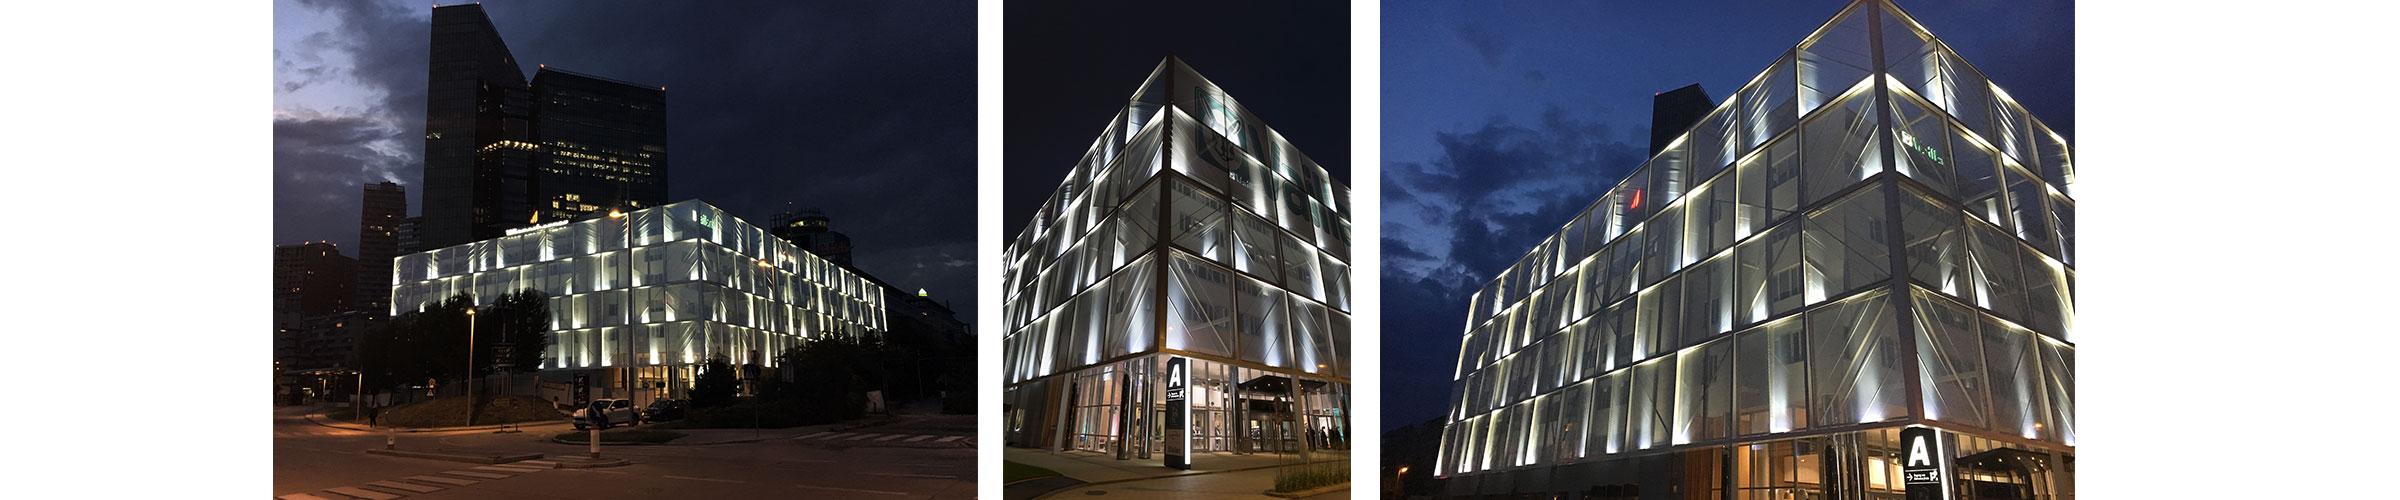 Fassadenbeleuchtung mit SML LED Produkten